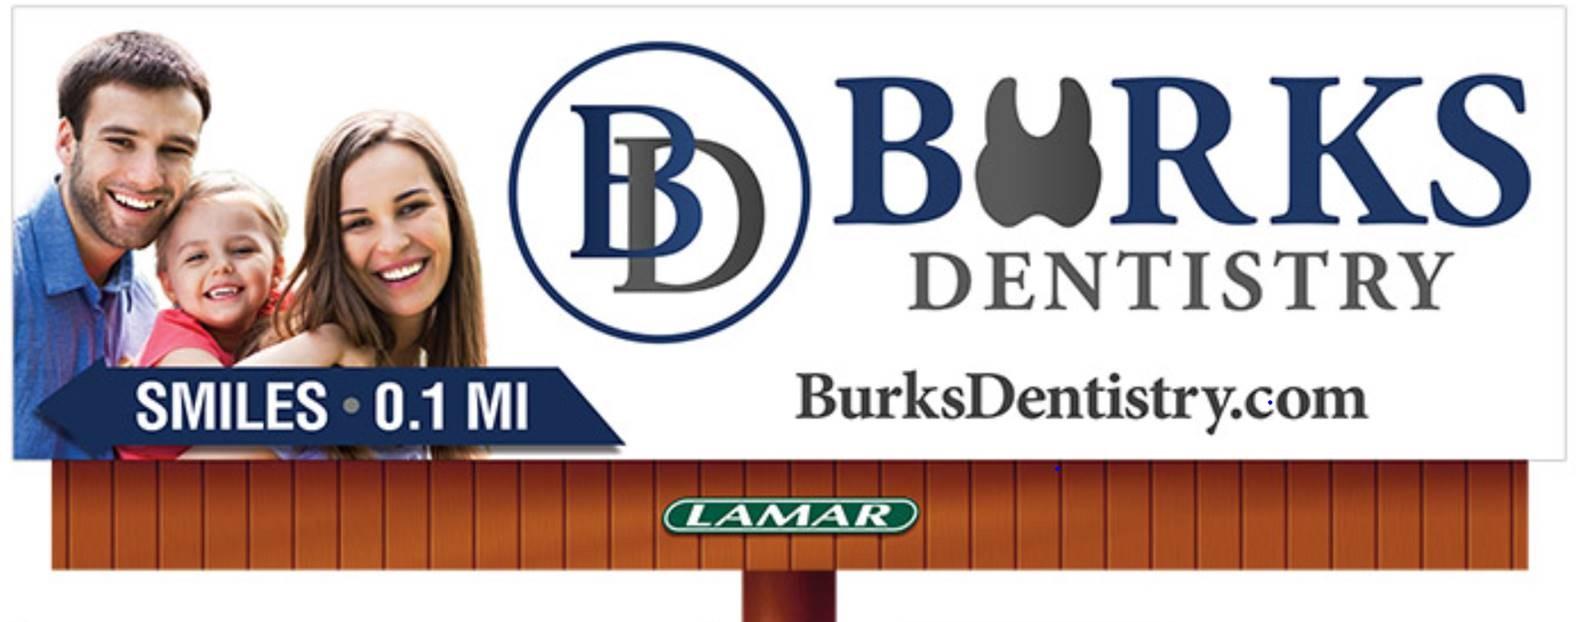 Burks Dentistry Billboard